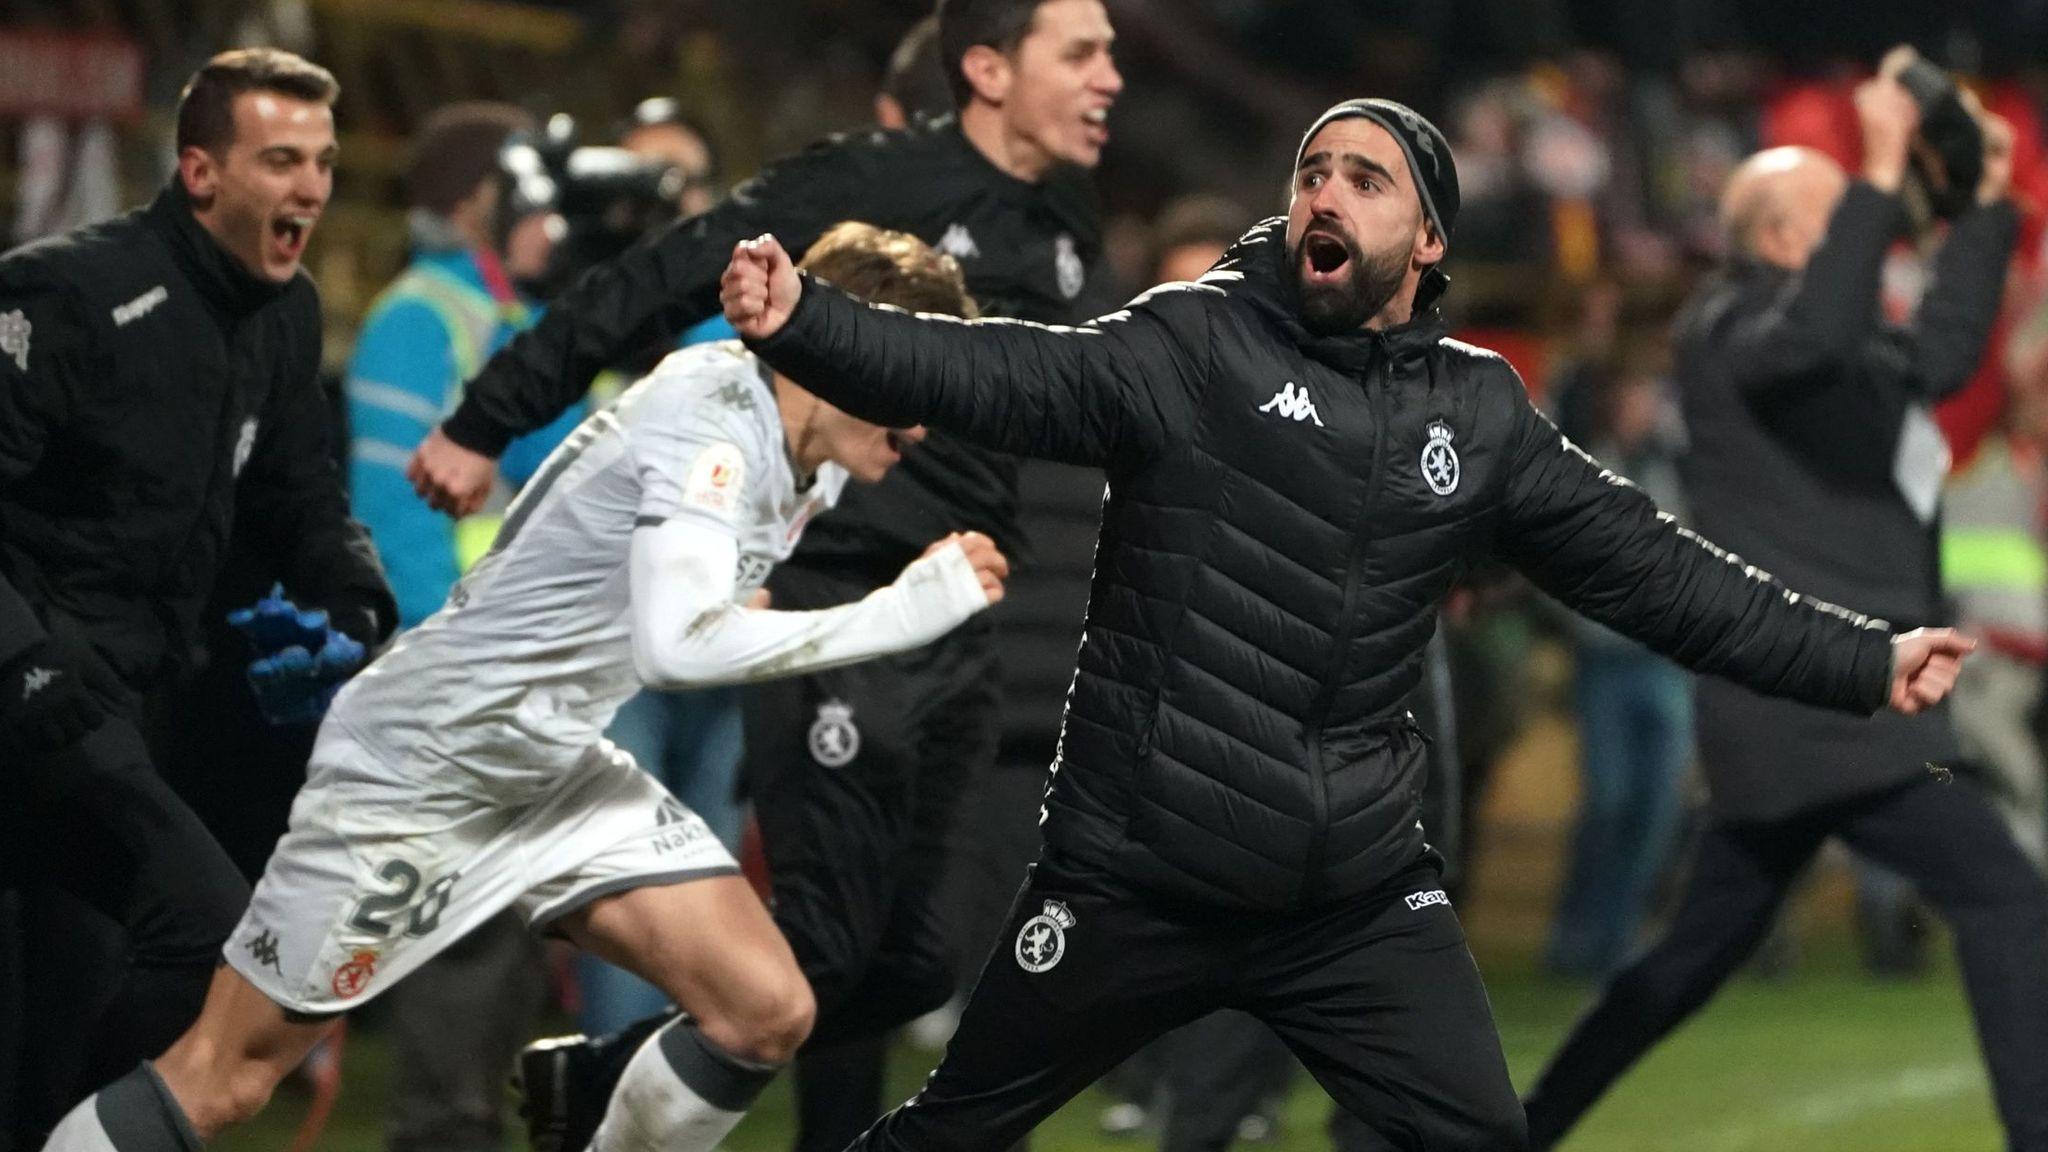 Cultural Leonesa 2-1 Atletico Madrid: La Liga giants suffer shock Copa del Rey exit